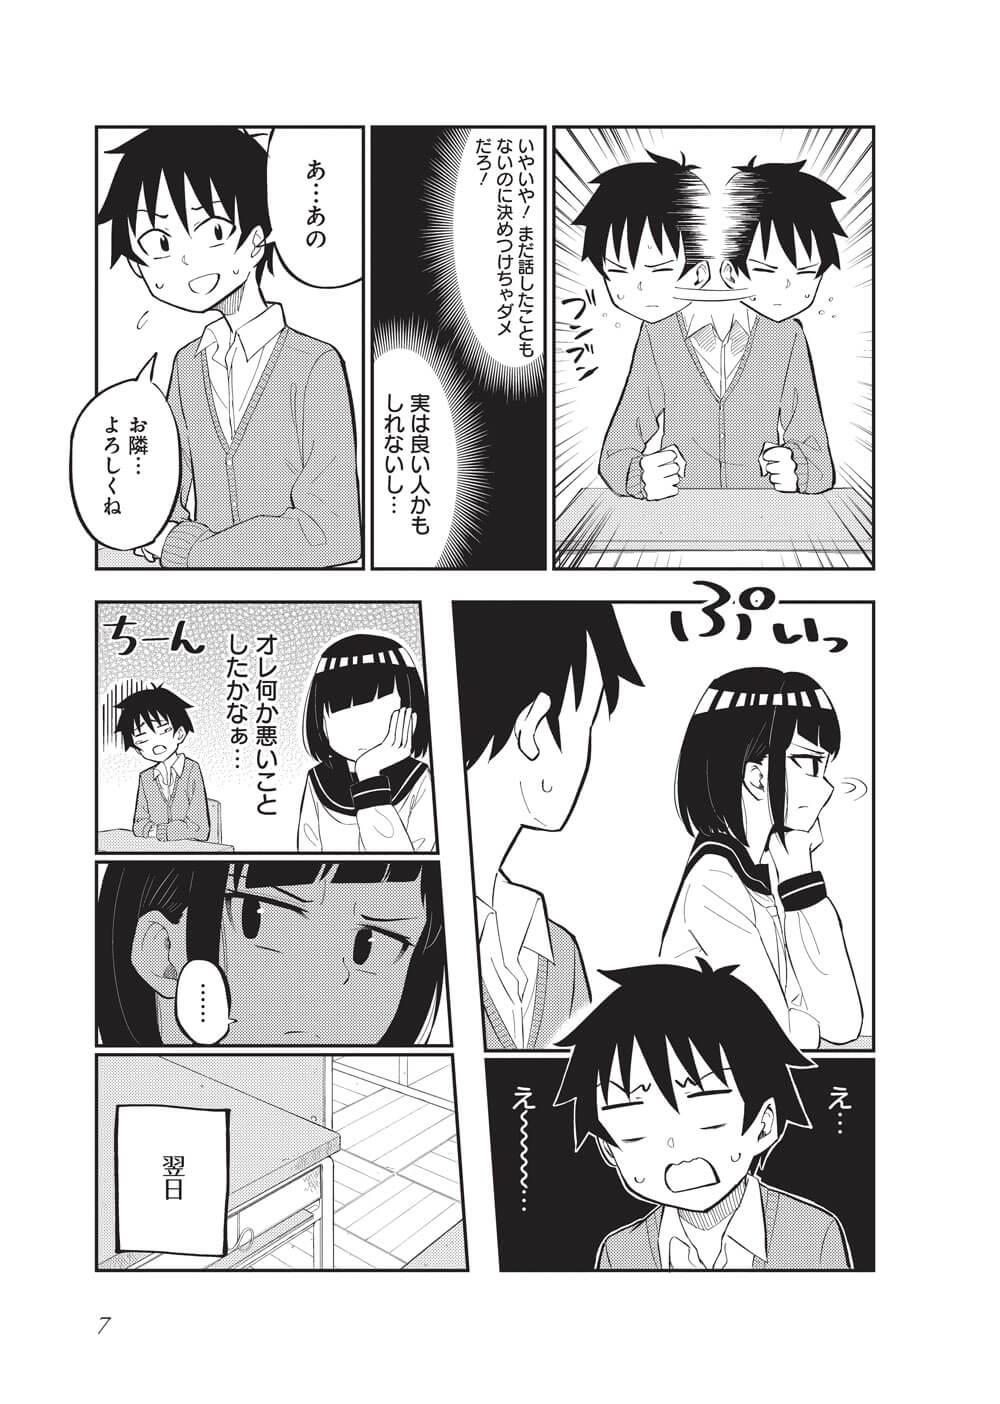 クラスメイトの田中さんはすごく怖い-1-5